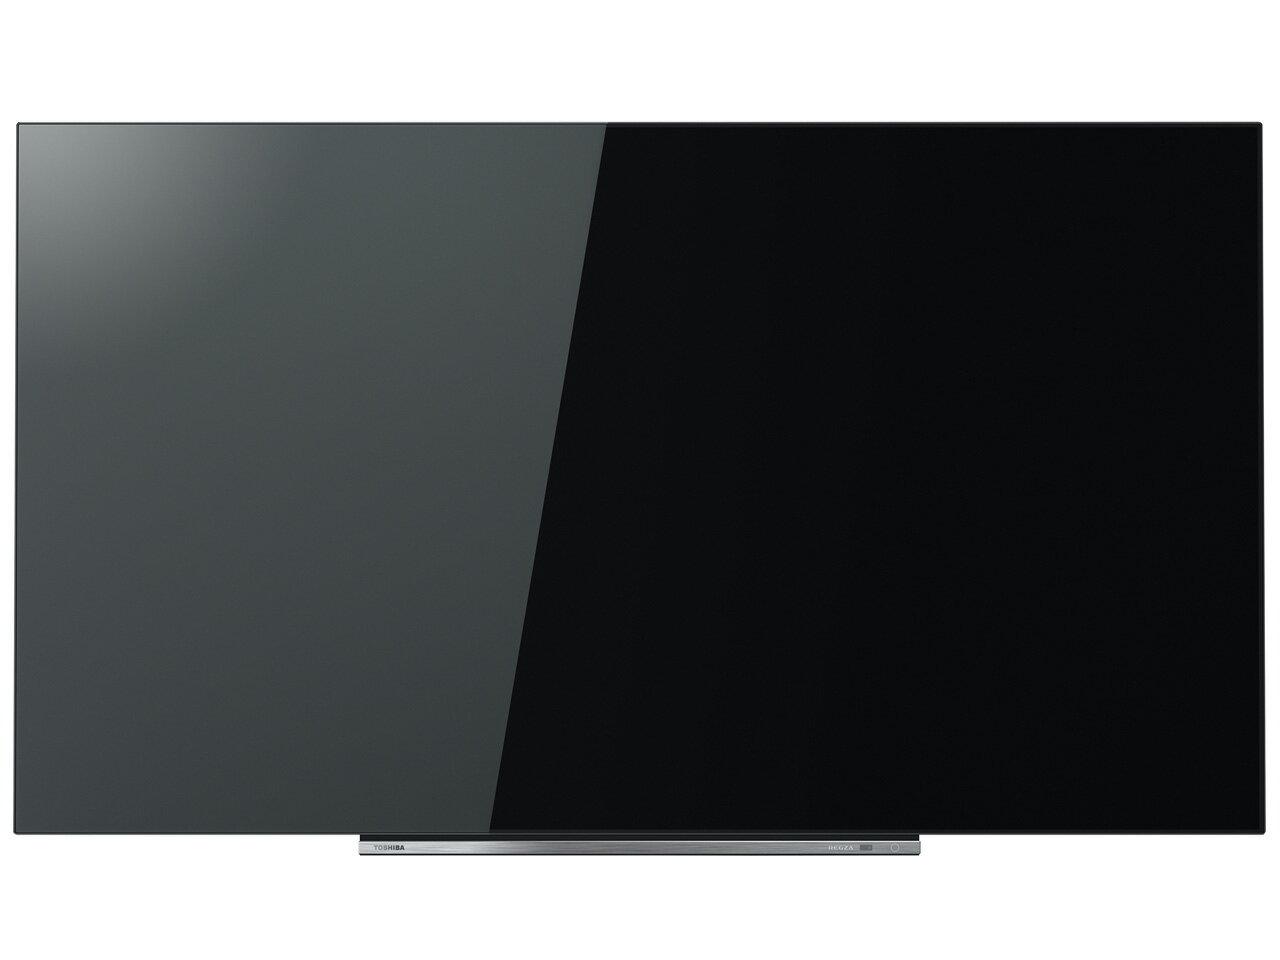 東芝 REGZA 4Kチューナー内蔵地上・BS・110度CSデジタルハイビジョン有機ELテレビ 55X920